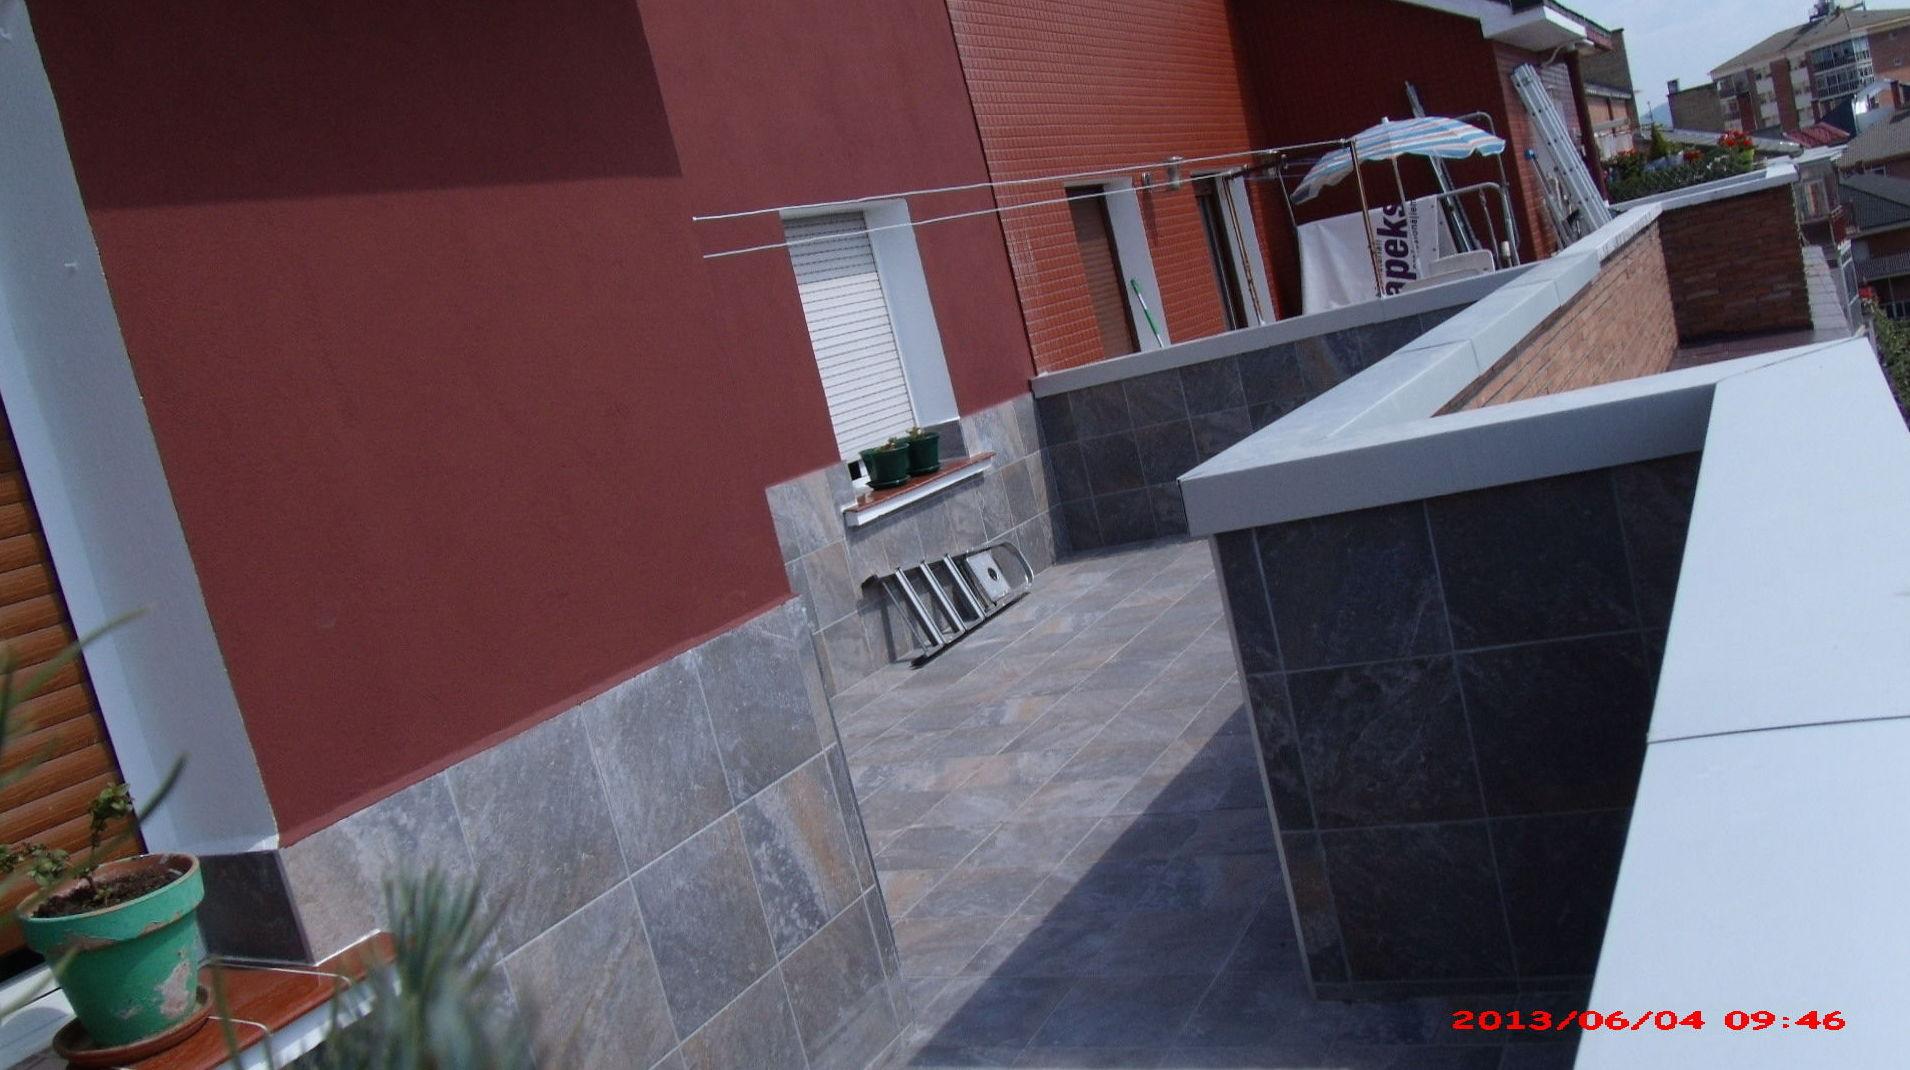 Terrazas : Qué hacemos de Canalones y Cubiertas Fonseca